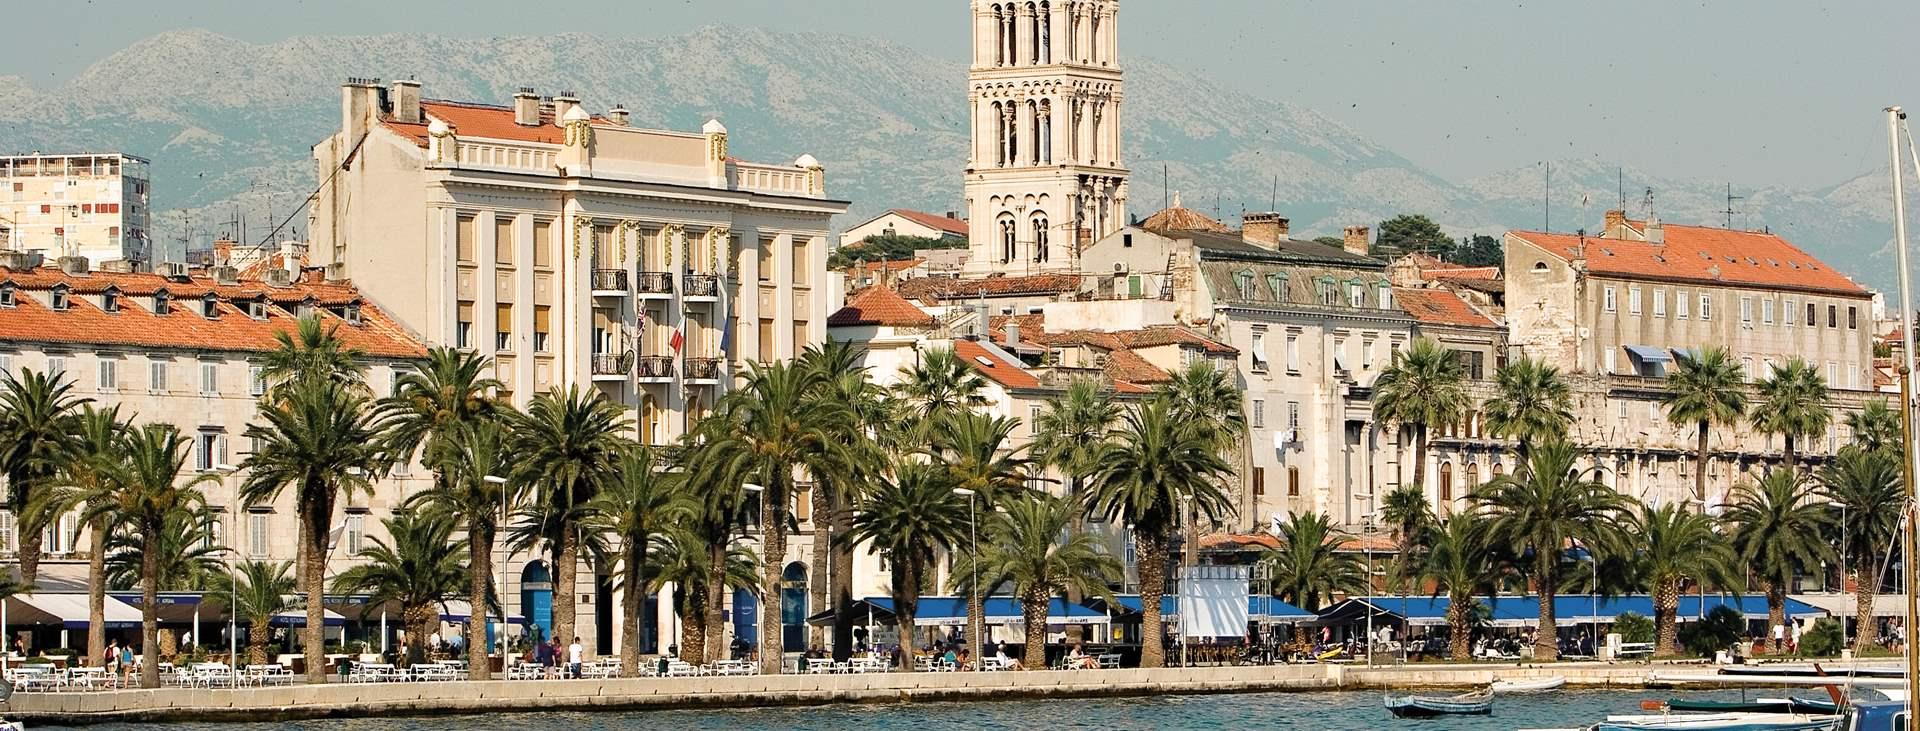 Bestill en reise med Ving til Split i Kroatia